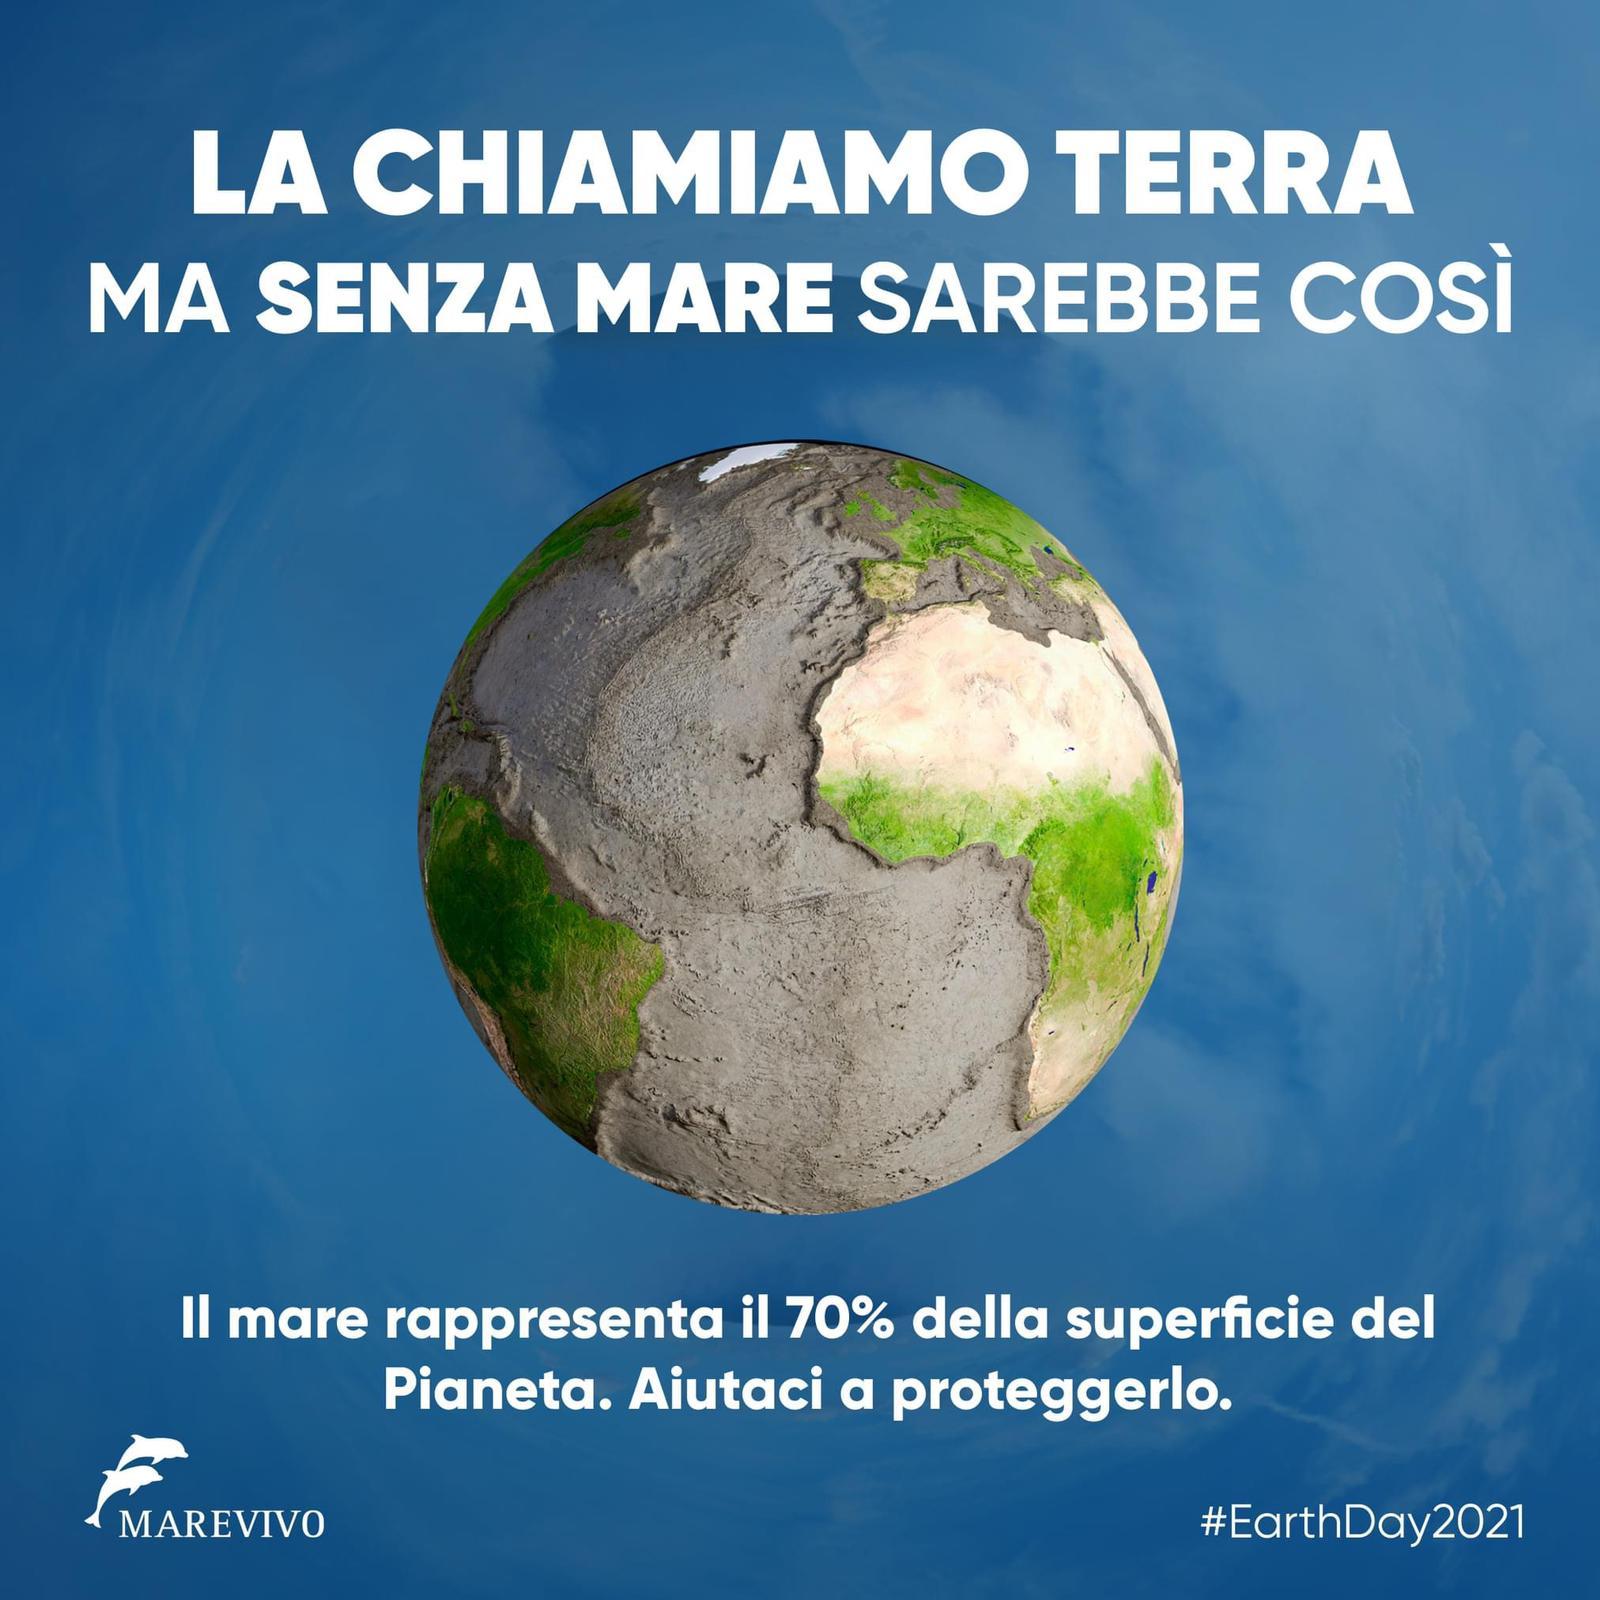 Le nostre attività nella Giornata Mondiale della Terra 2021!